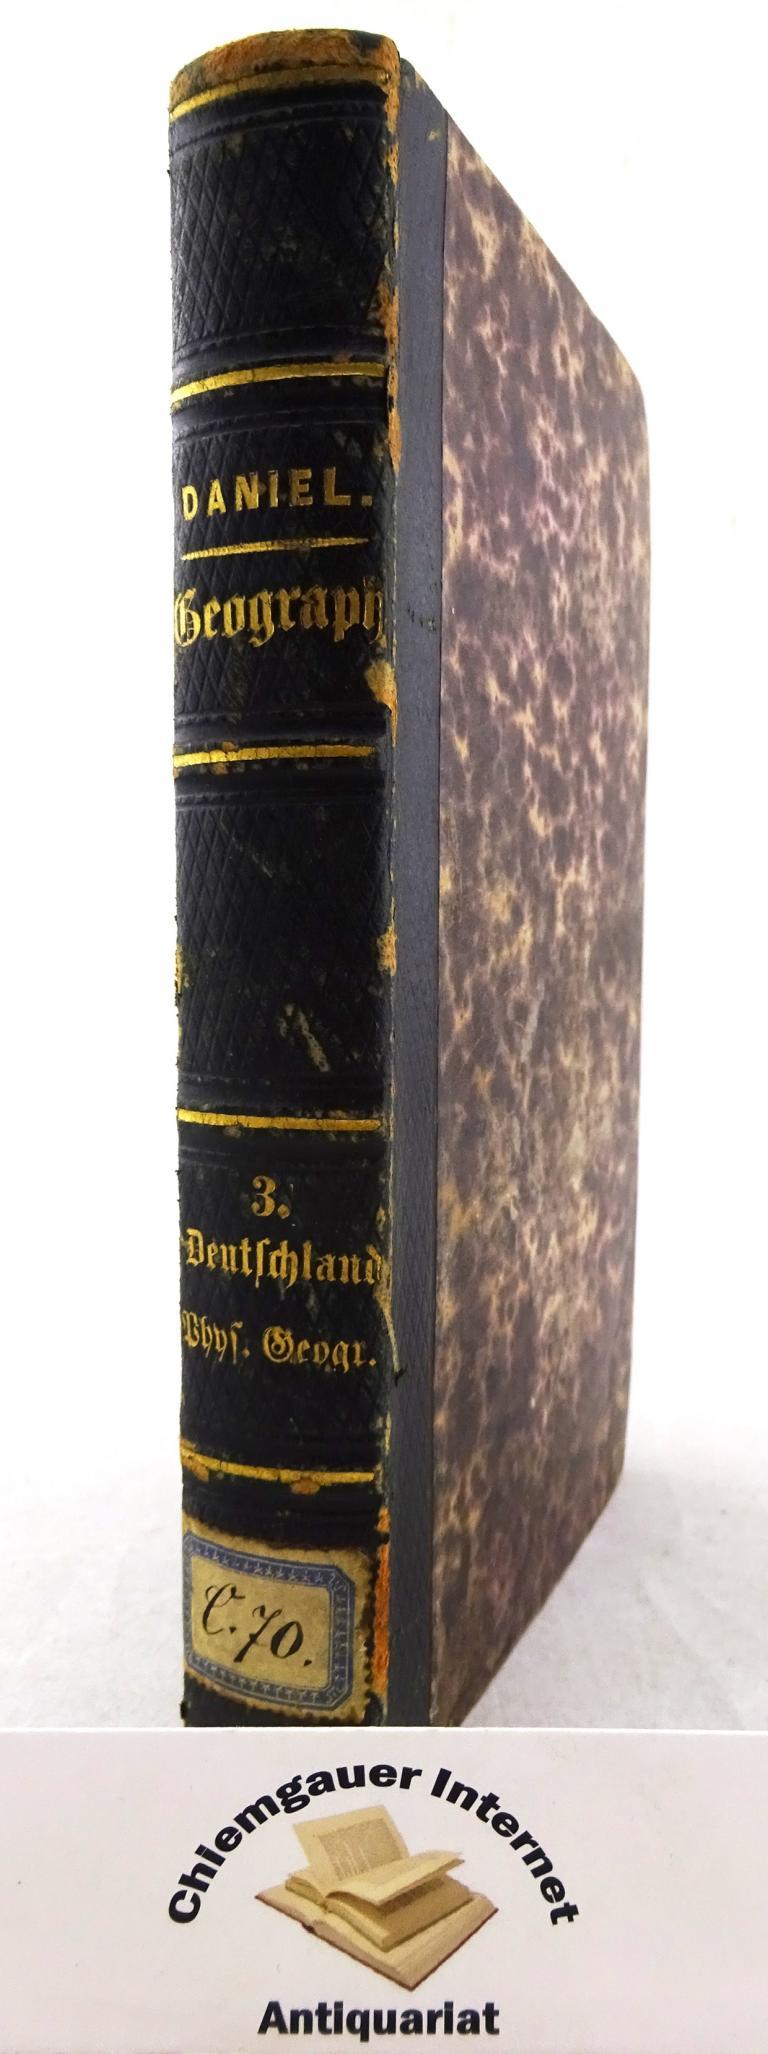 Handbuch der Geographie. Dritter Theil: Deutschland. Physische Geographie. Zweite vielfach VERBESSERTE Auflage.